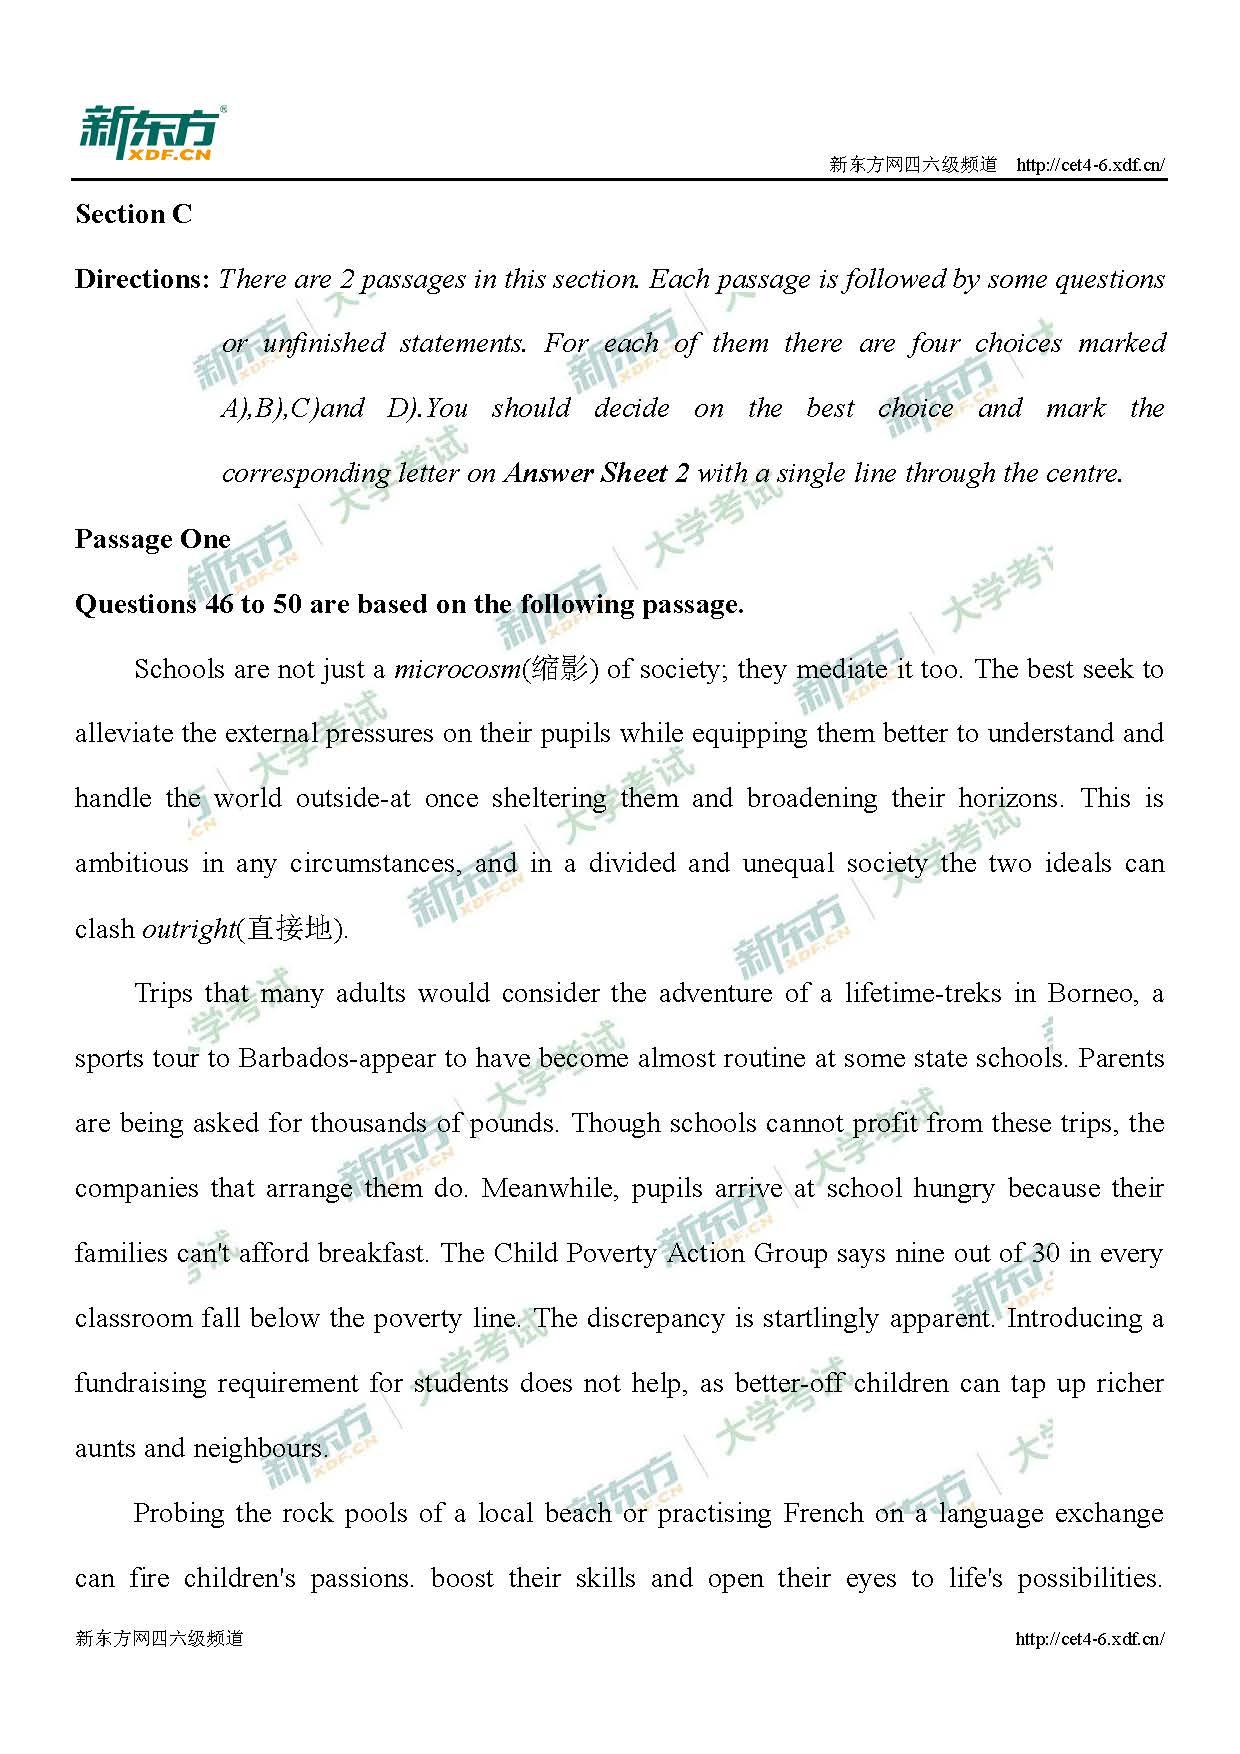 2019年12月六级第一套仔细阅读解析(杭州新东方)